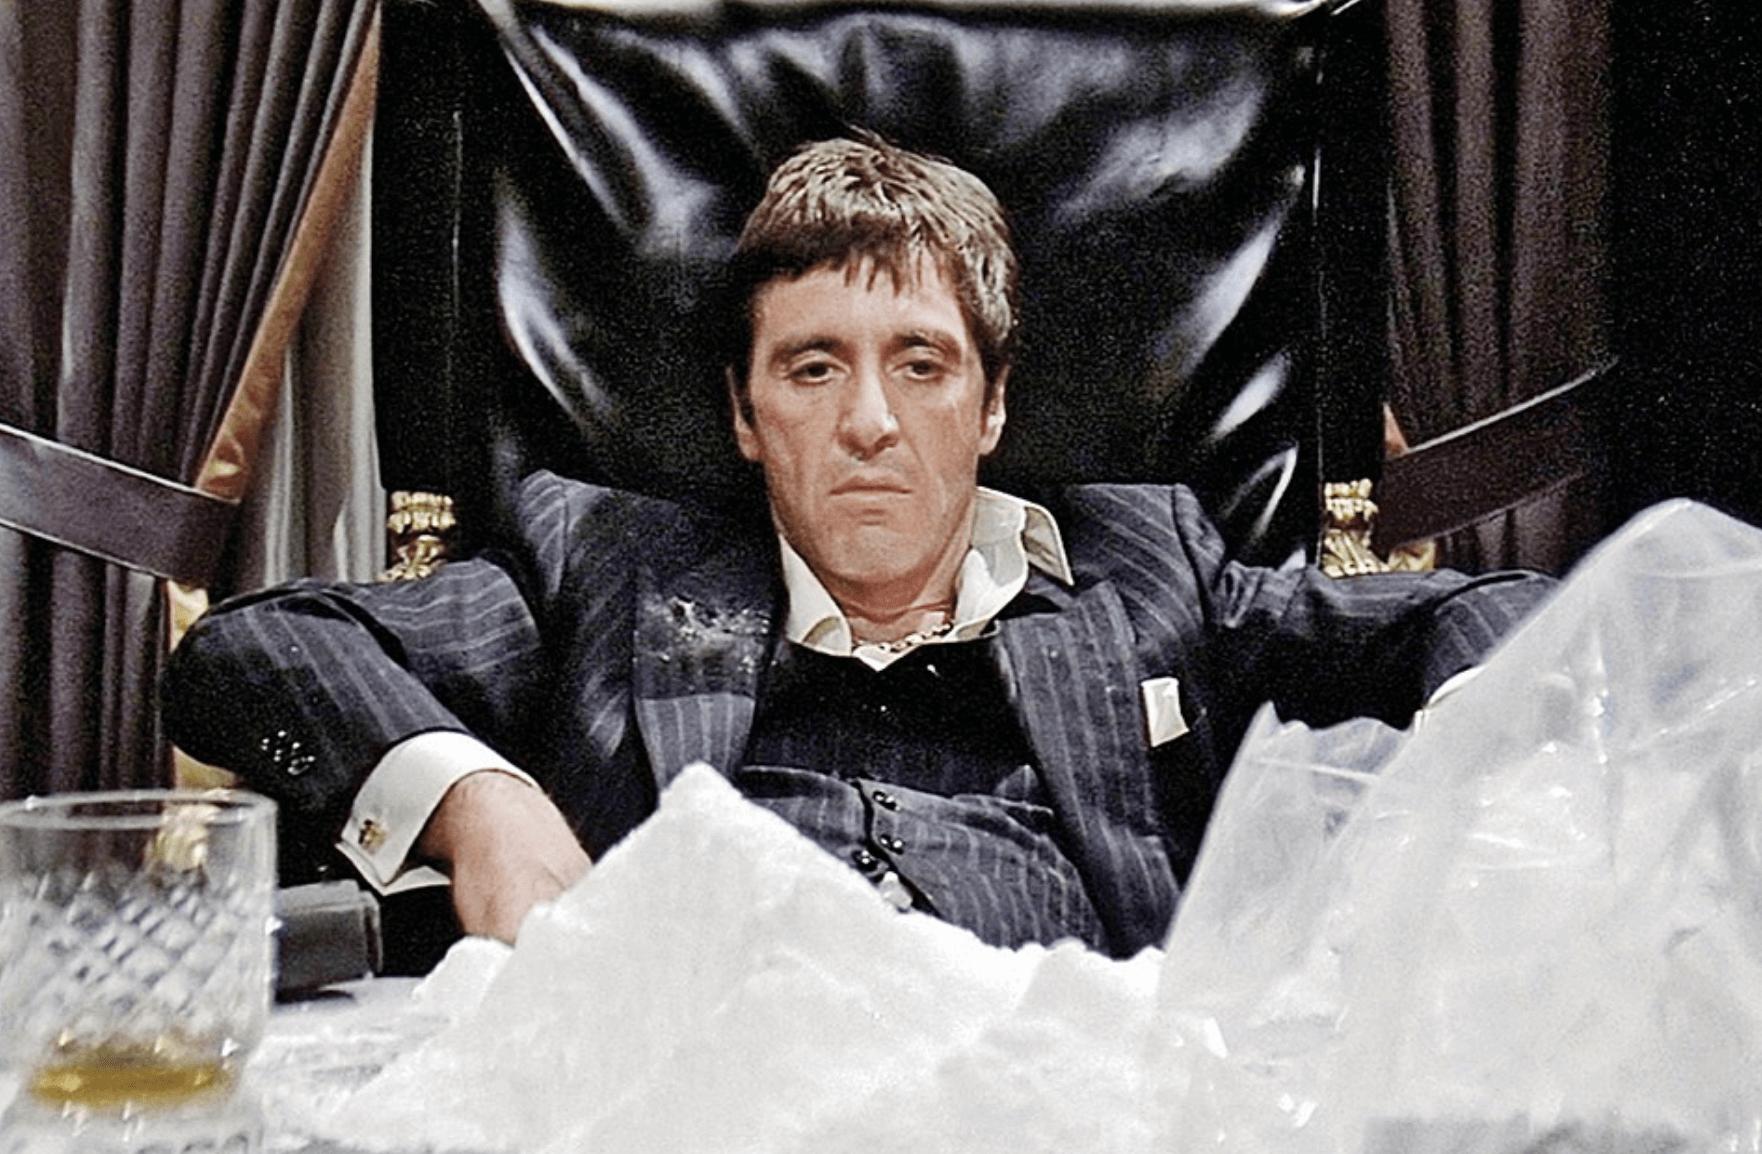 Тоні Монтана із к/ф «Обличчя зі шрамом» під кокаїновим кайфом